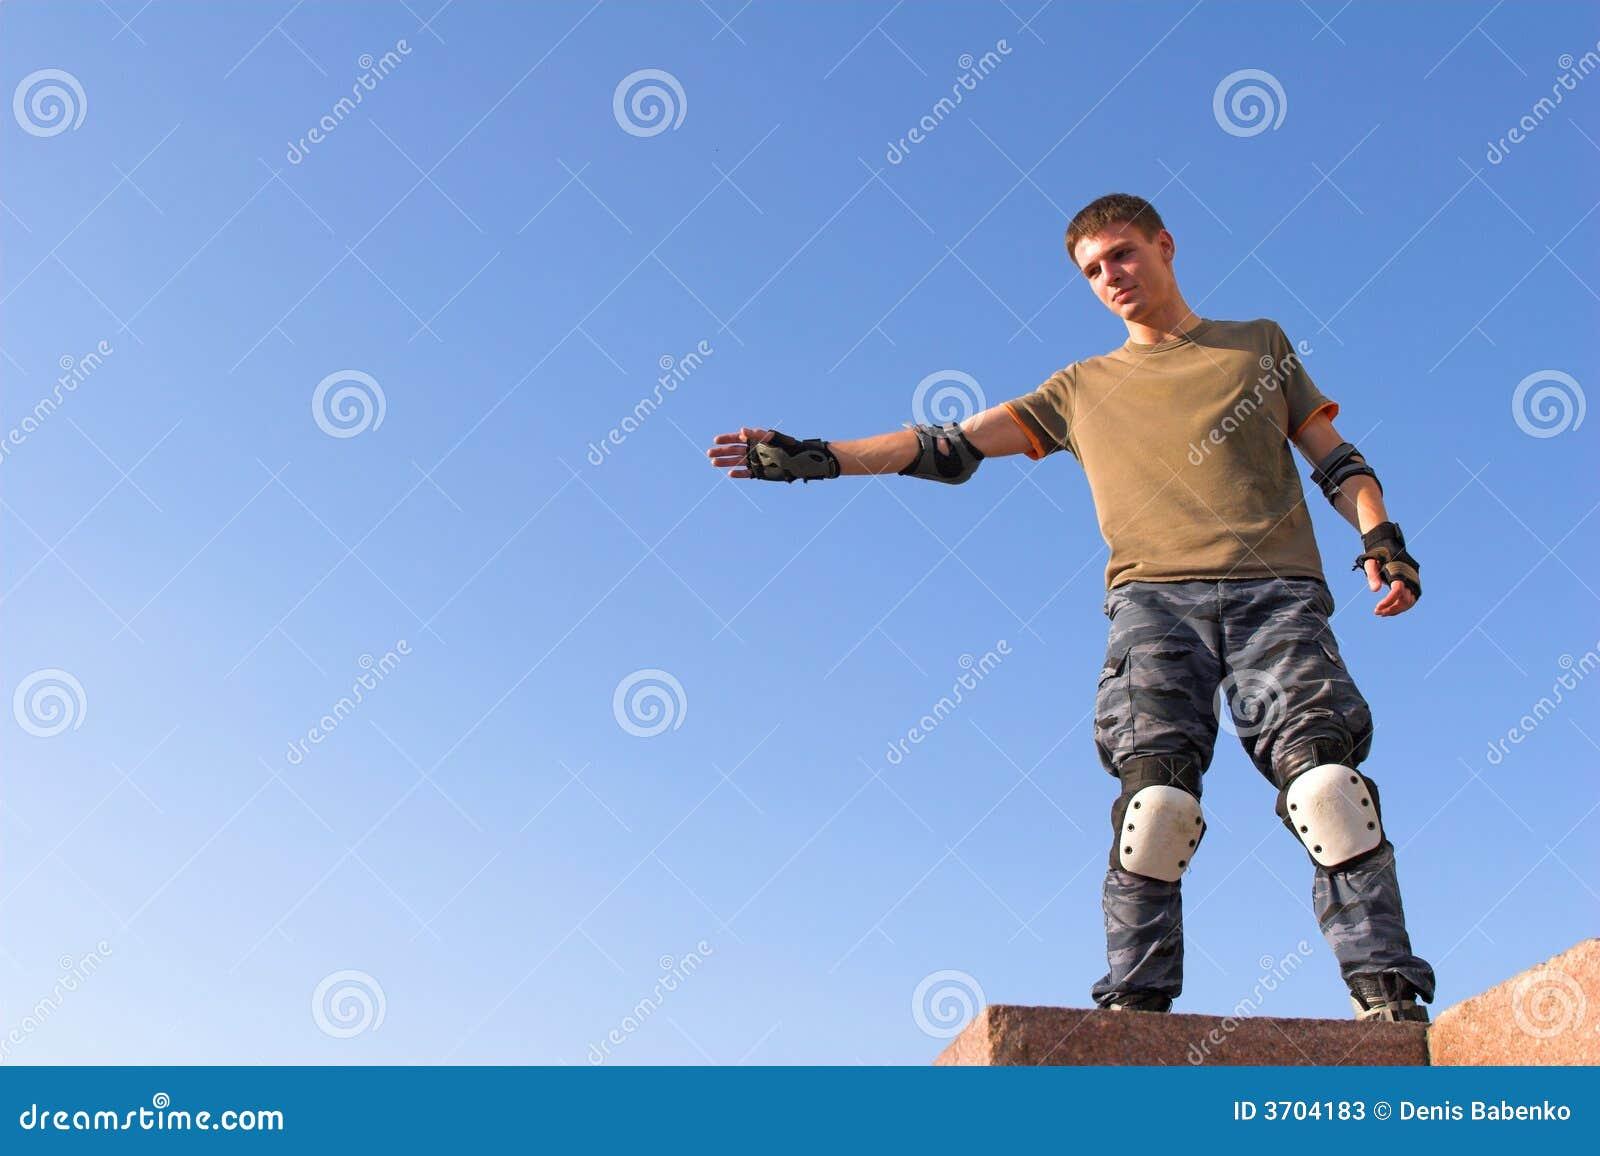 El rodillo se prepara para el salto de altura